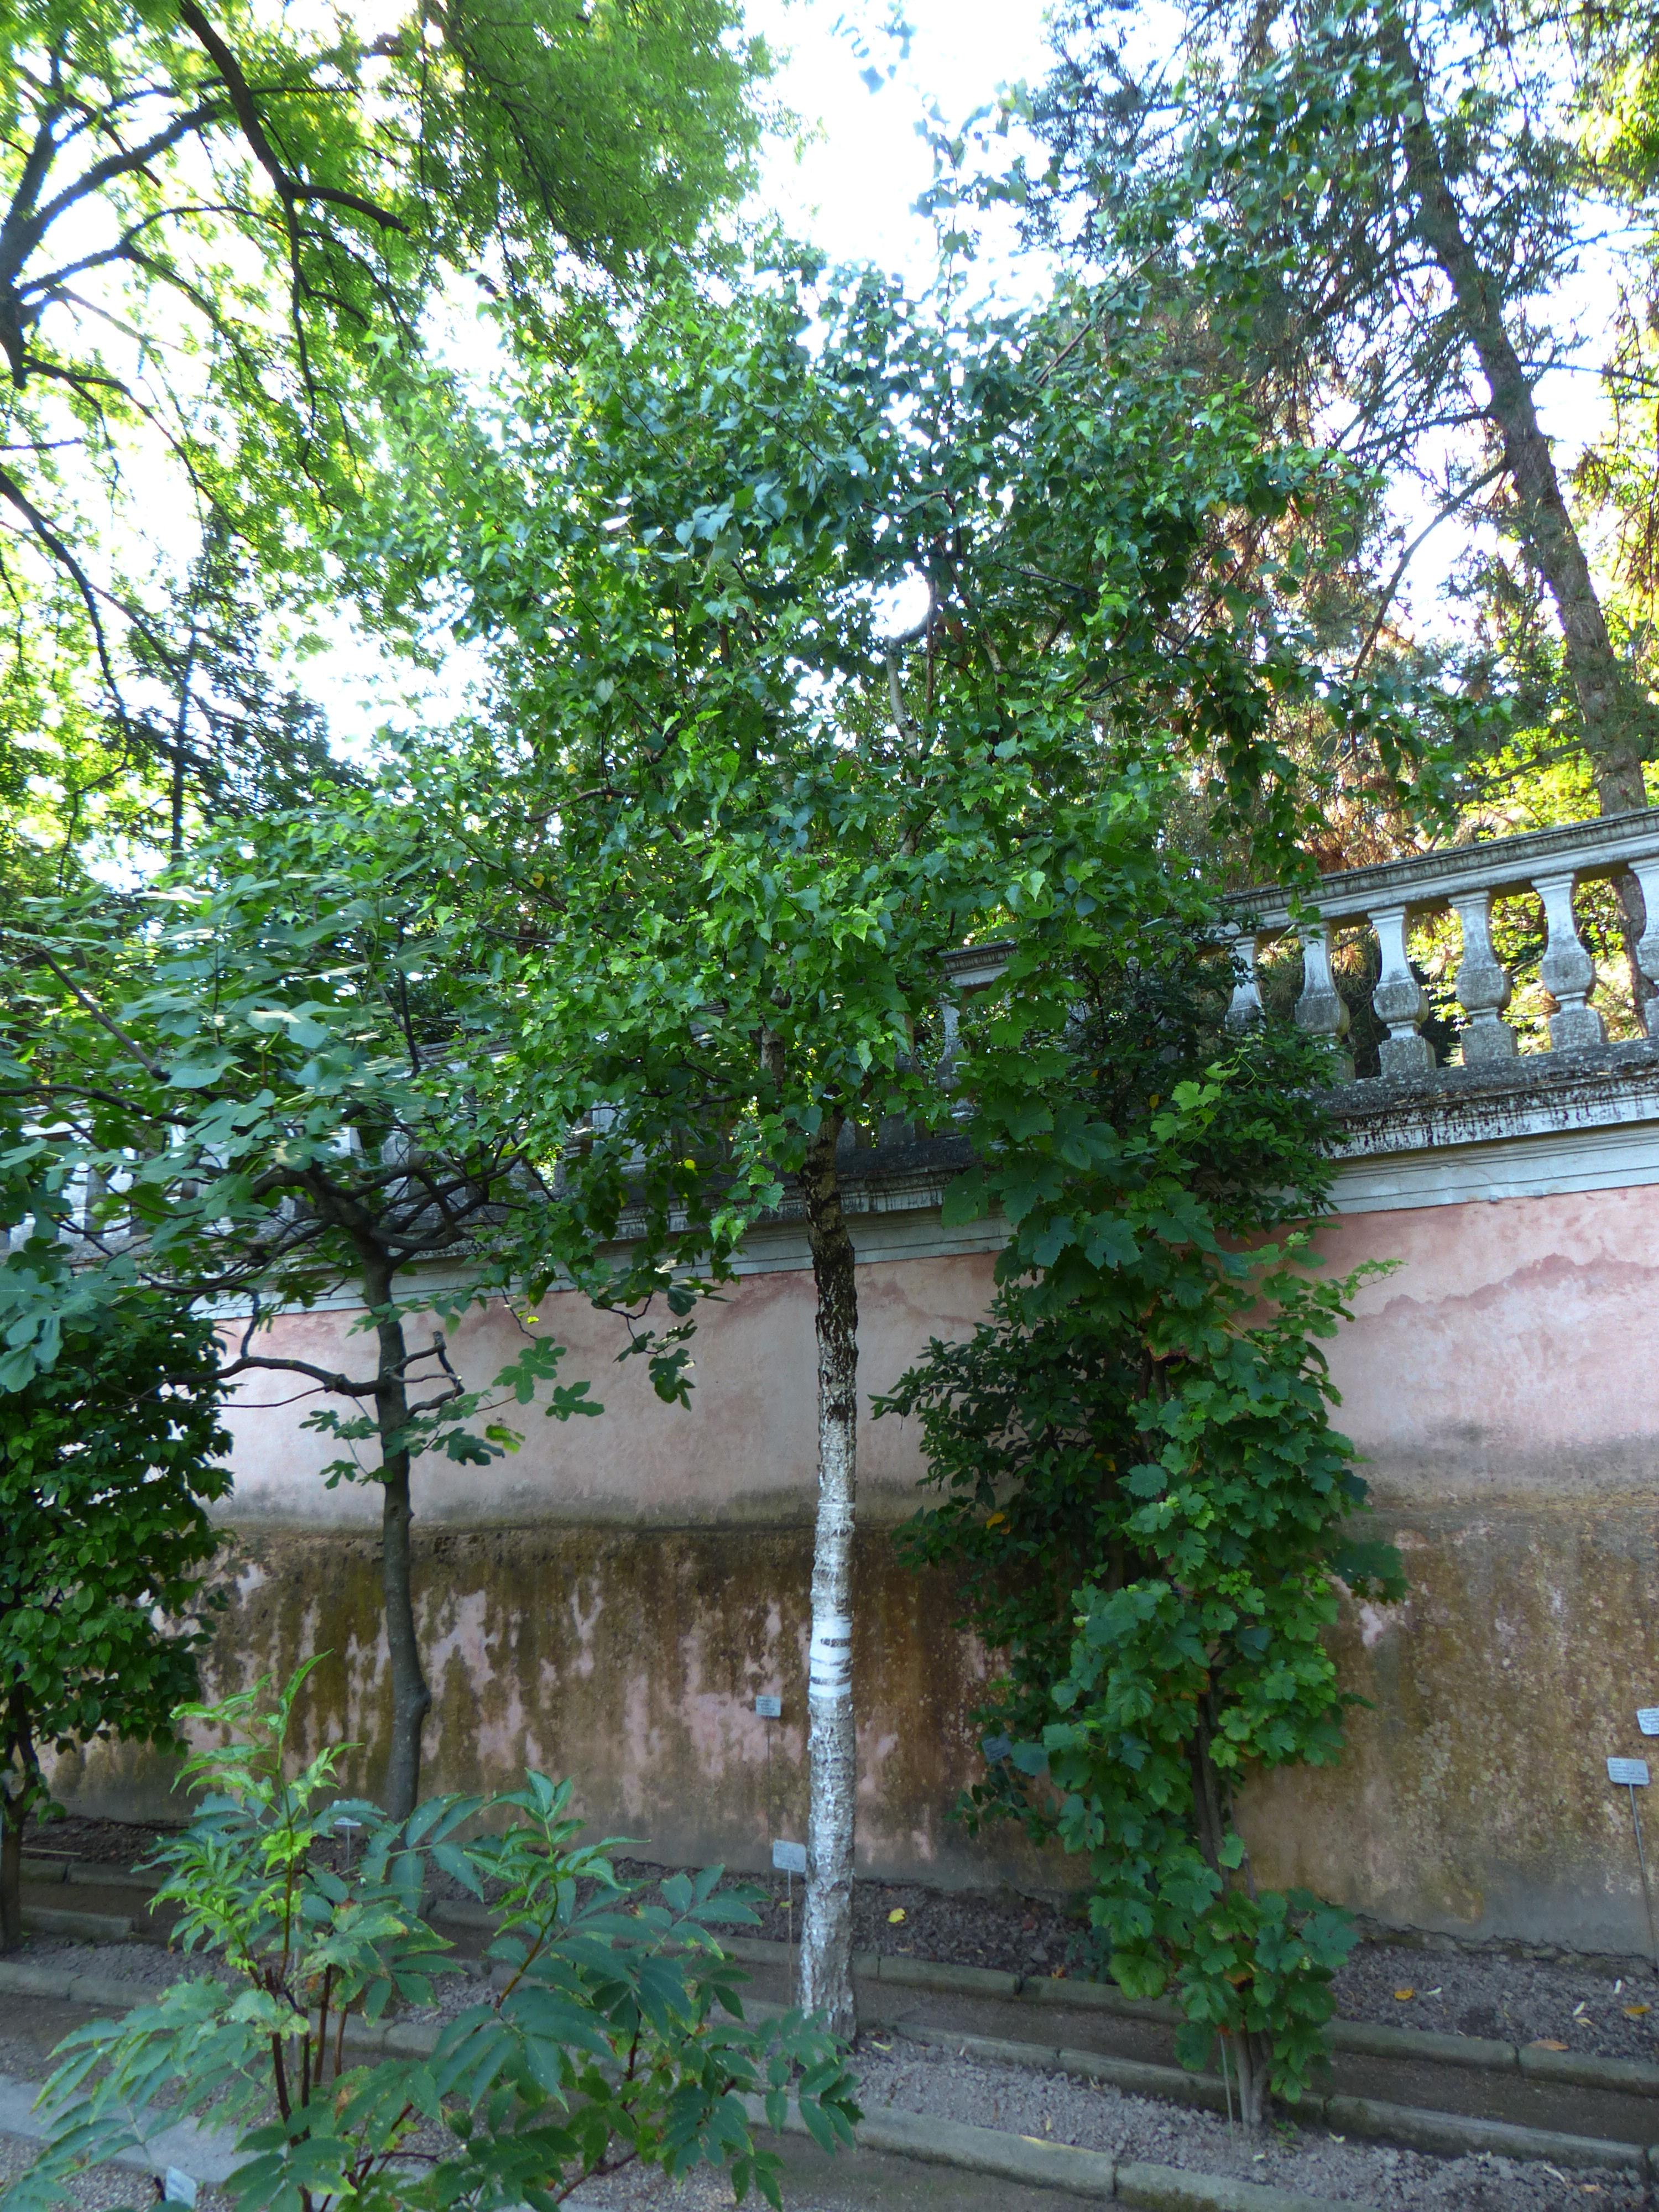 © Università di Trieste, Dipartimento di Scienze Della Vita<br>by Andrea Moro<br>Comune di Padova, Orto Botanico, PD, Veneto, Italia, 18/07/2019<br>Distributed under CC-BY-SA 4.0 license.